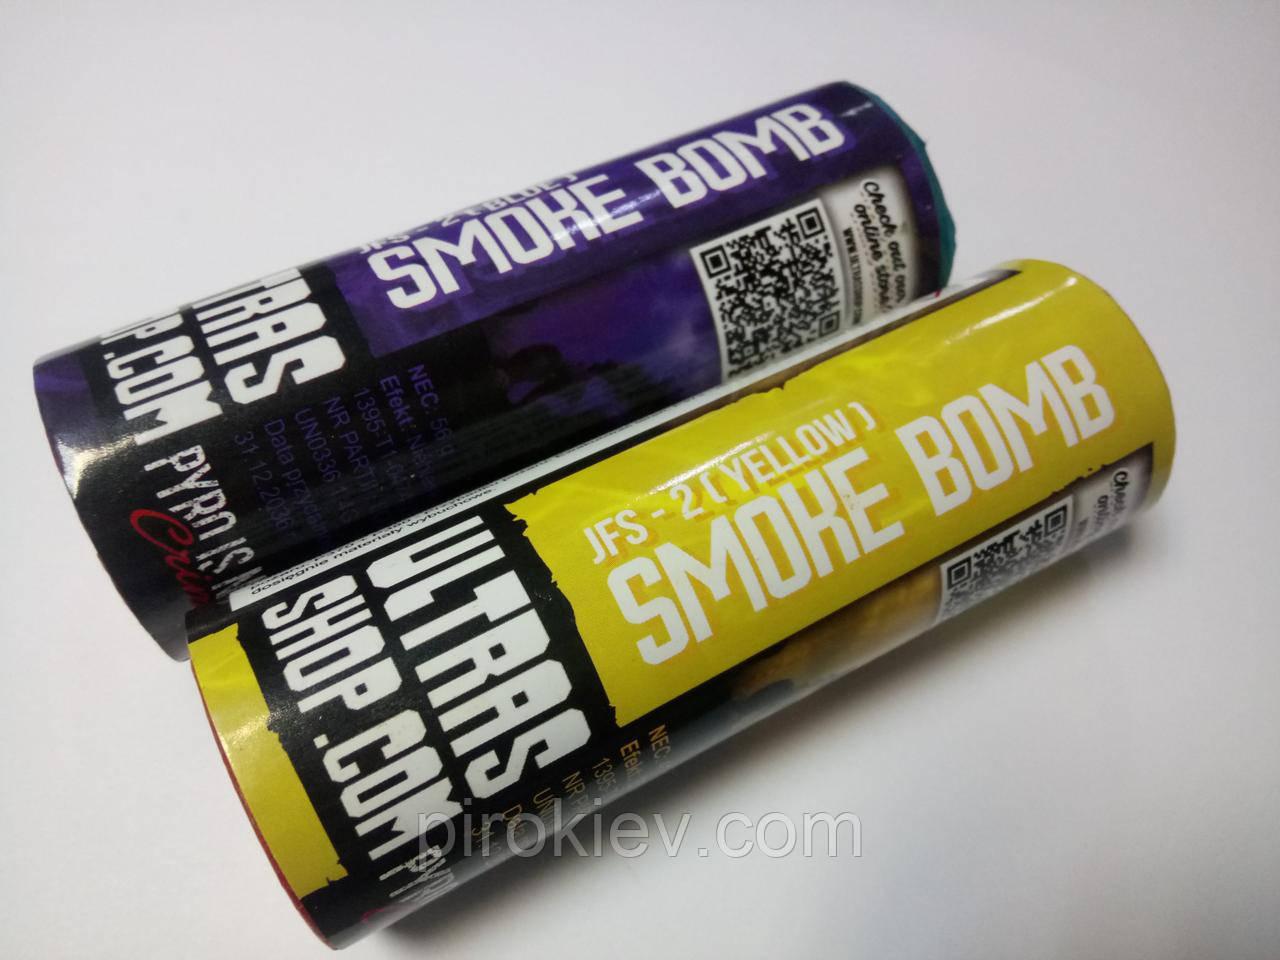 Дымовые шашки JFS-2 Smoke Bomb Синий и Желтый (набор 2 шт.)